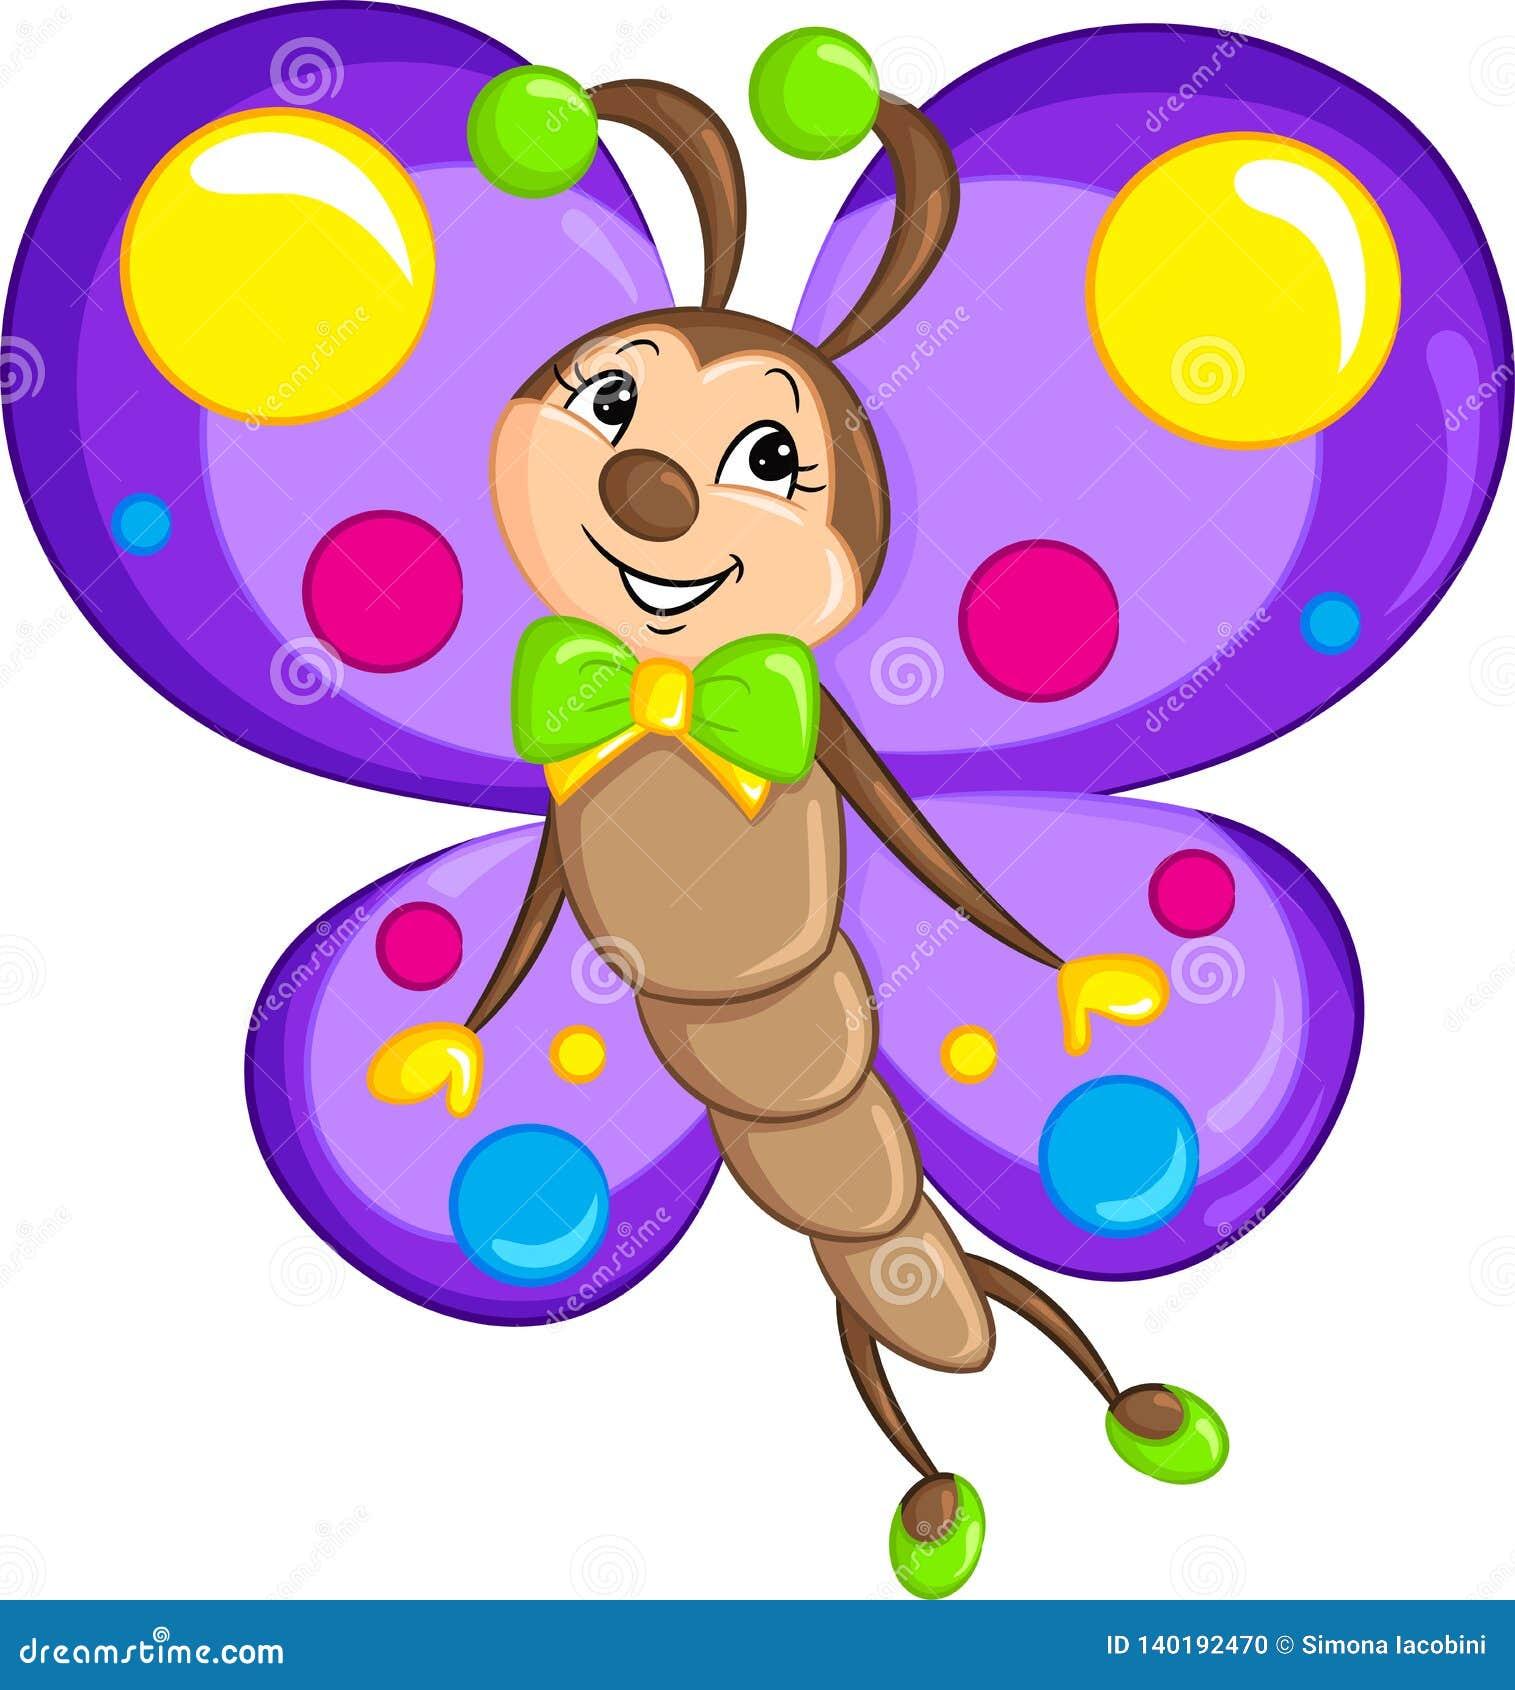 Disegno Adorabile Di Kawaii Di Colore Di Piccola Farfalla